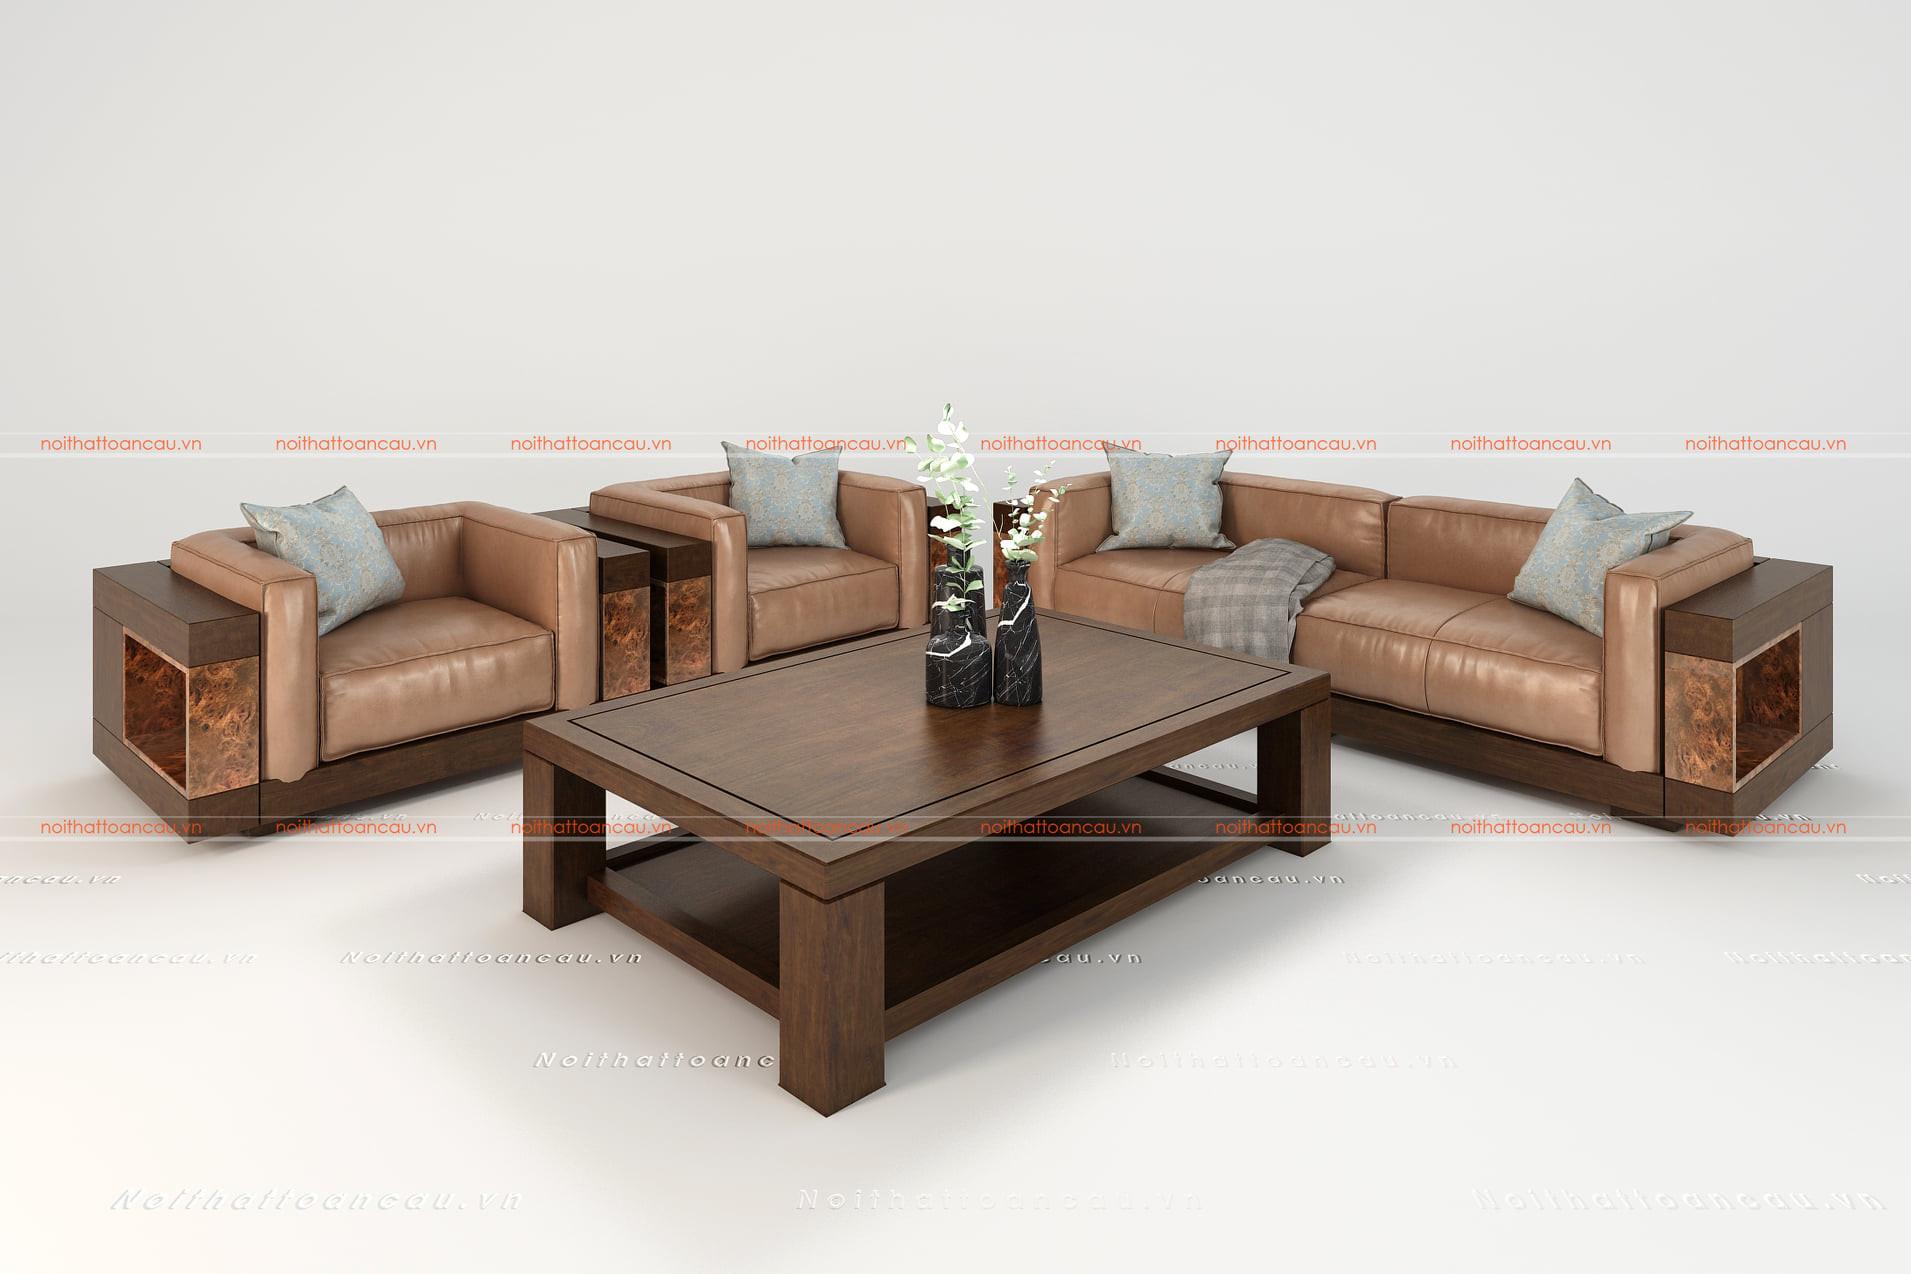 Bàn ghế gỗ gụ hiện đại  6